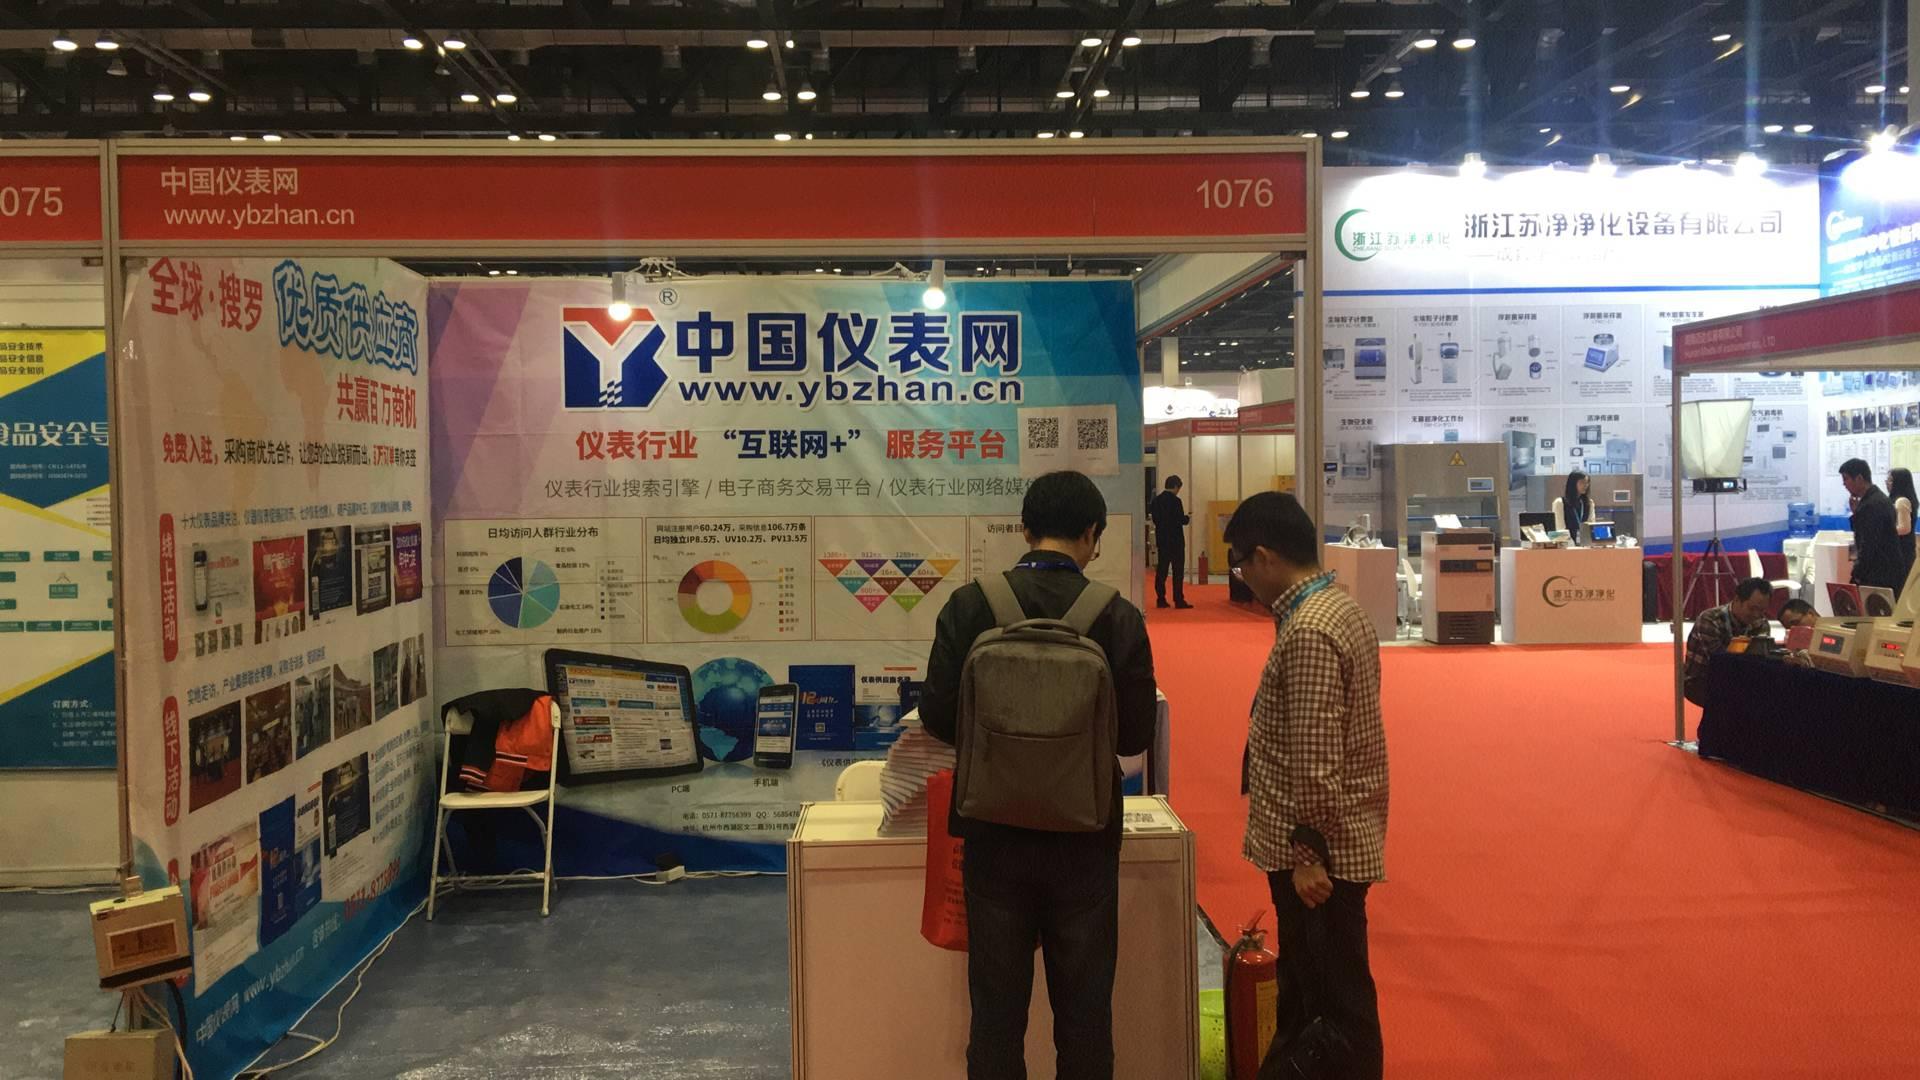 中国仪表网携《仪表供应商名录》亮相北京科仪展